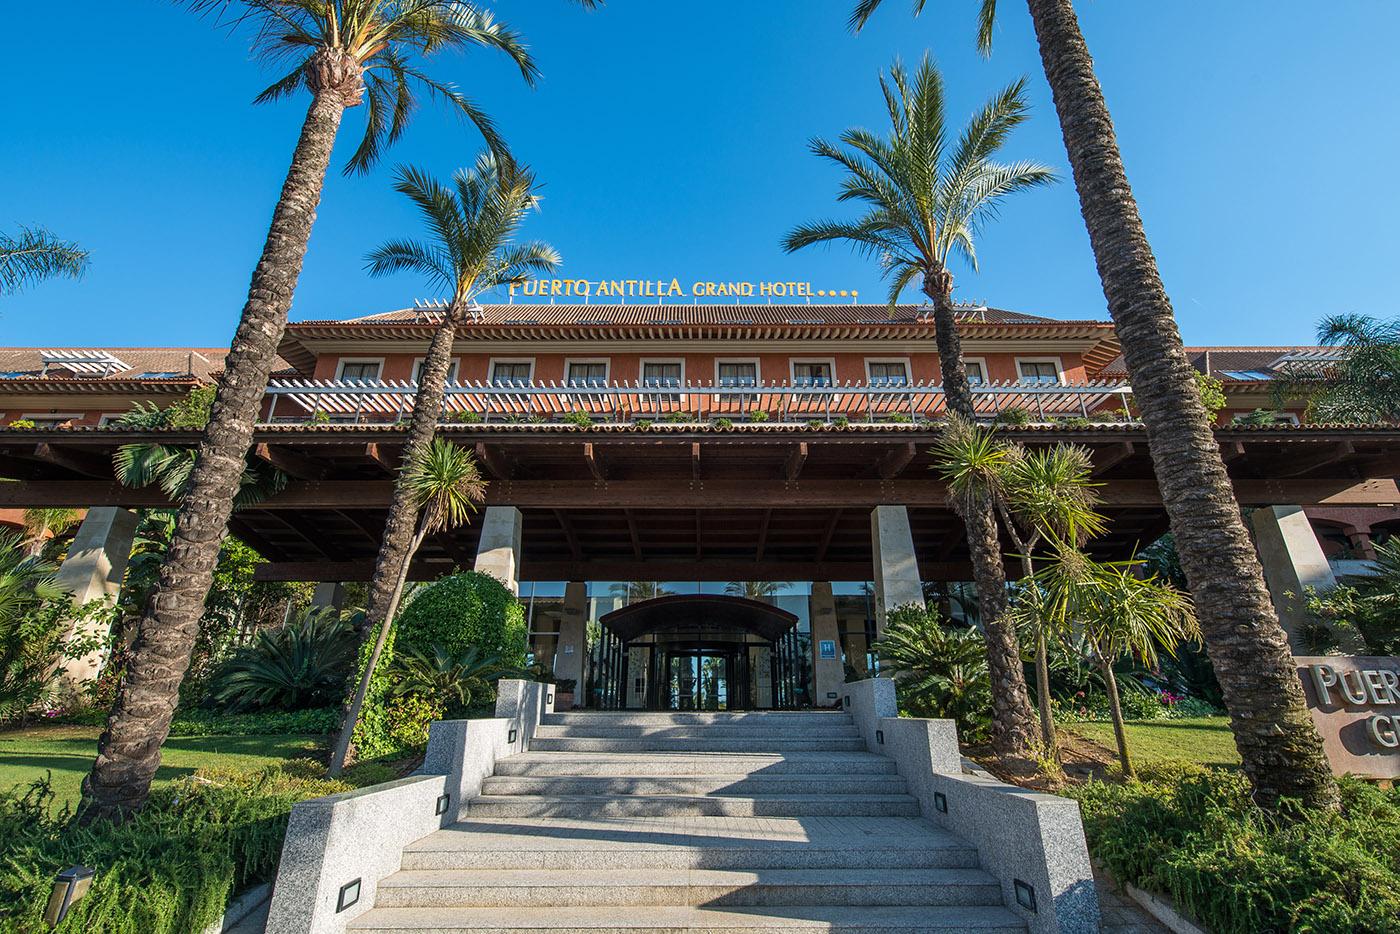 Foto PuertoAntilla Ecoturismo 24052018 4 - Ecoturismo, una forma de descubrir Huelva a través de su naturaleza